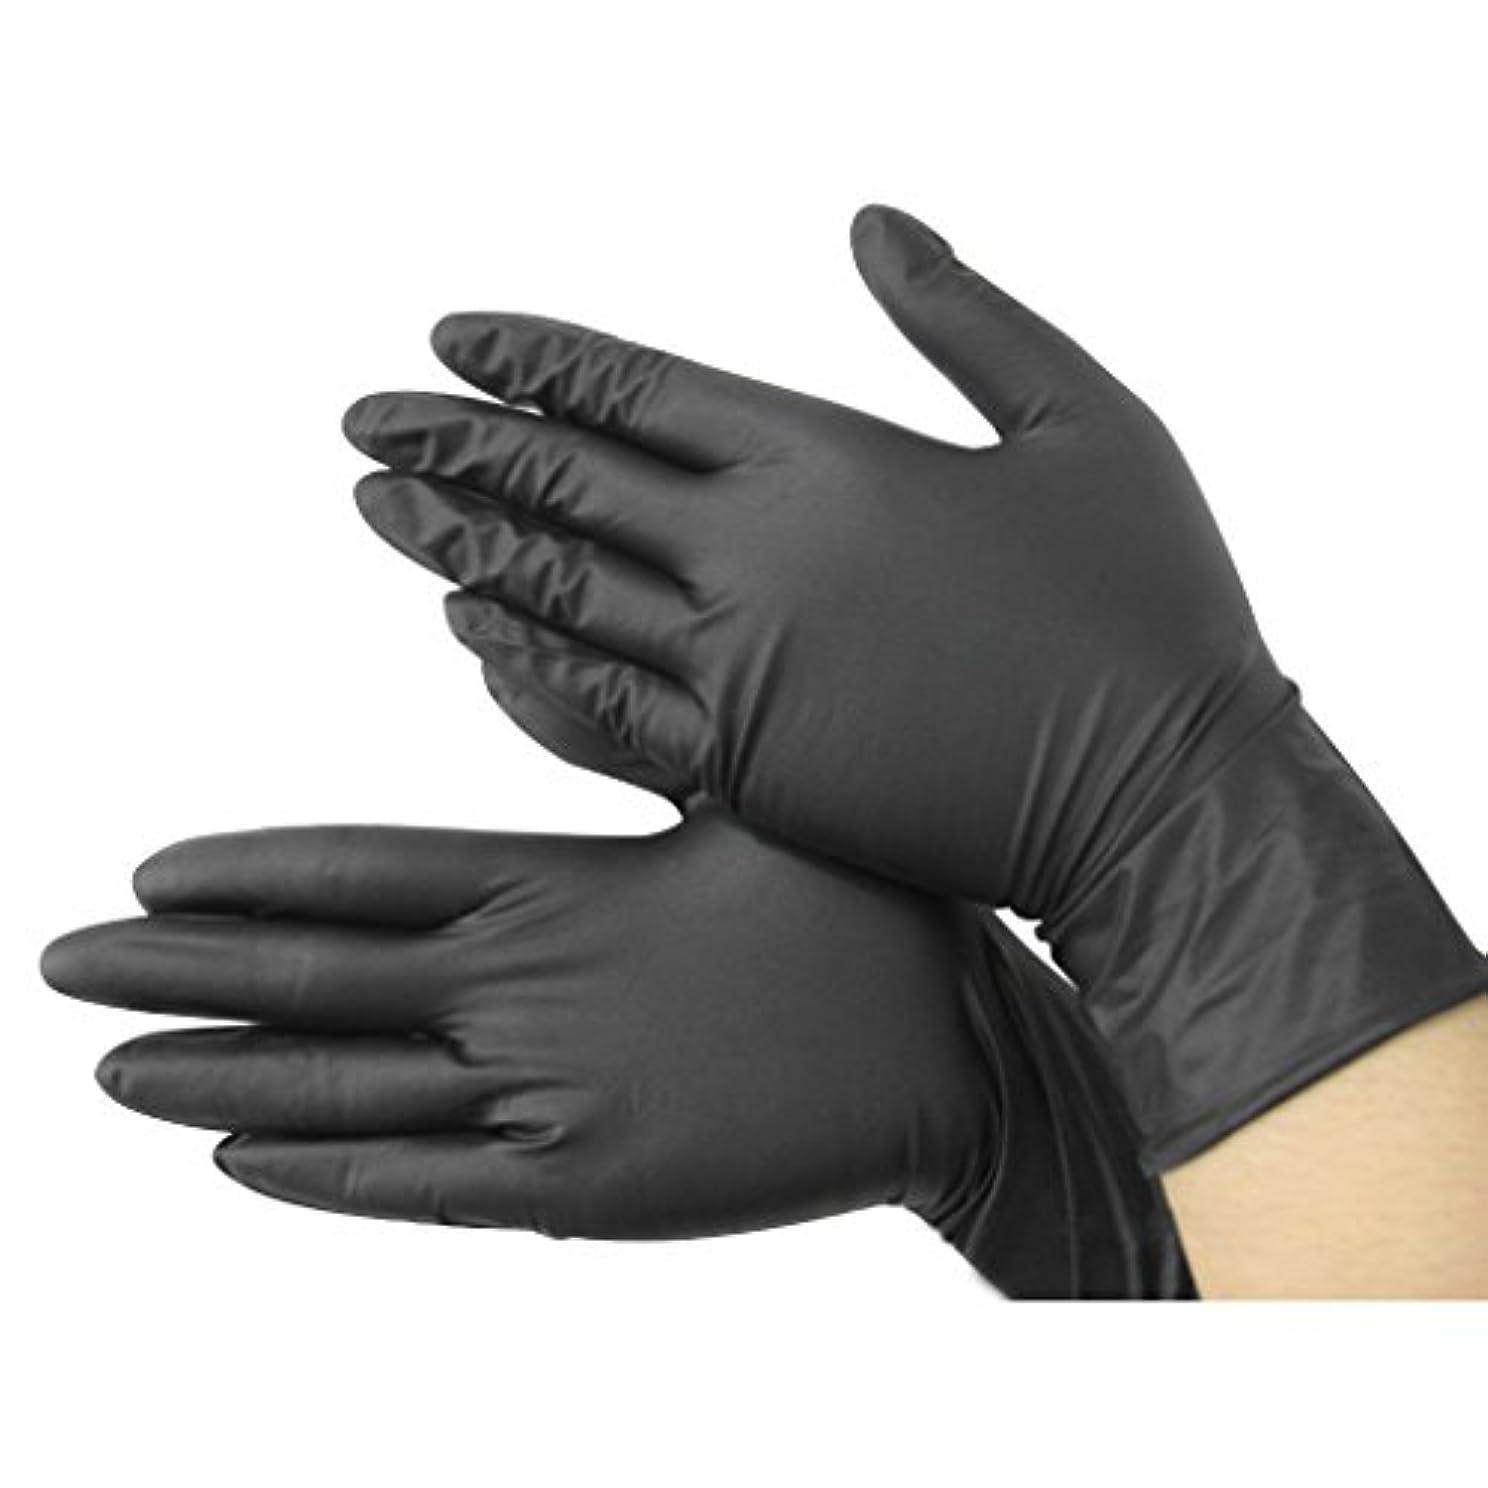 ロッドホーン壮大なCUHAWUDBA 黒いニトリル使い捨てクール手袋 パワーフリーX100 - 入れ墨 - メカニック 新しい